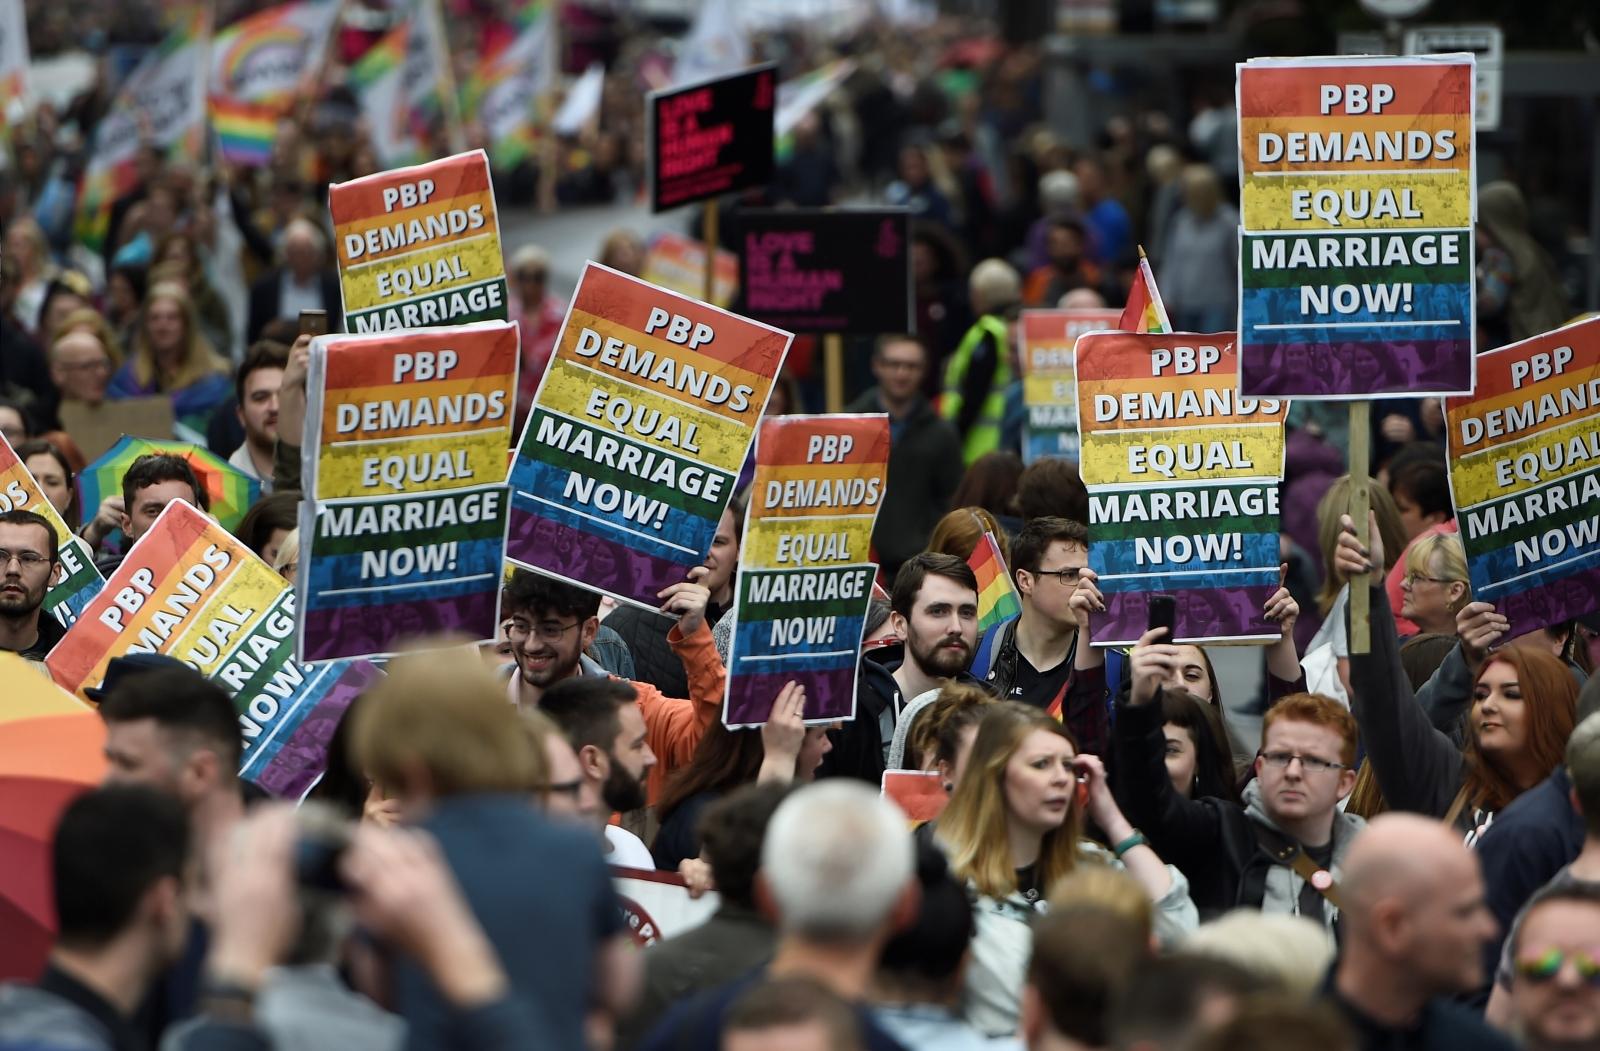 Kuzey İrlanda'da Yer Gök İnliyor! Evlilik Eşitliği İçin Oylar Verilecek!